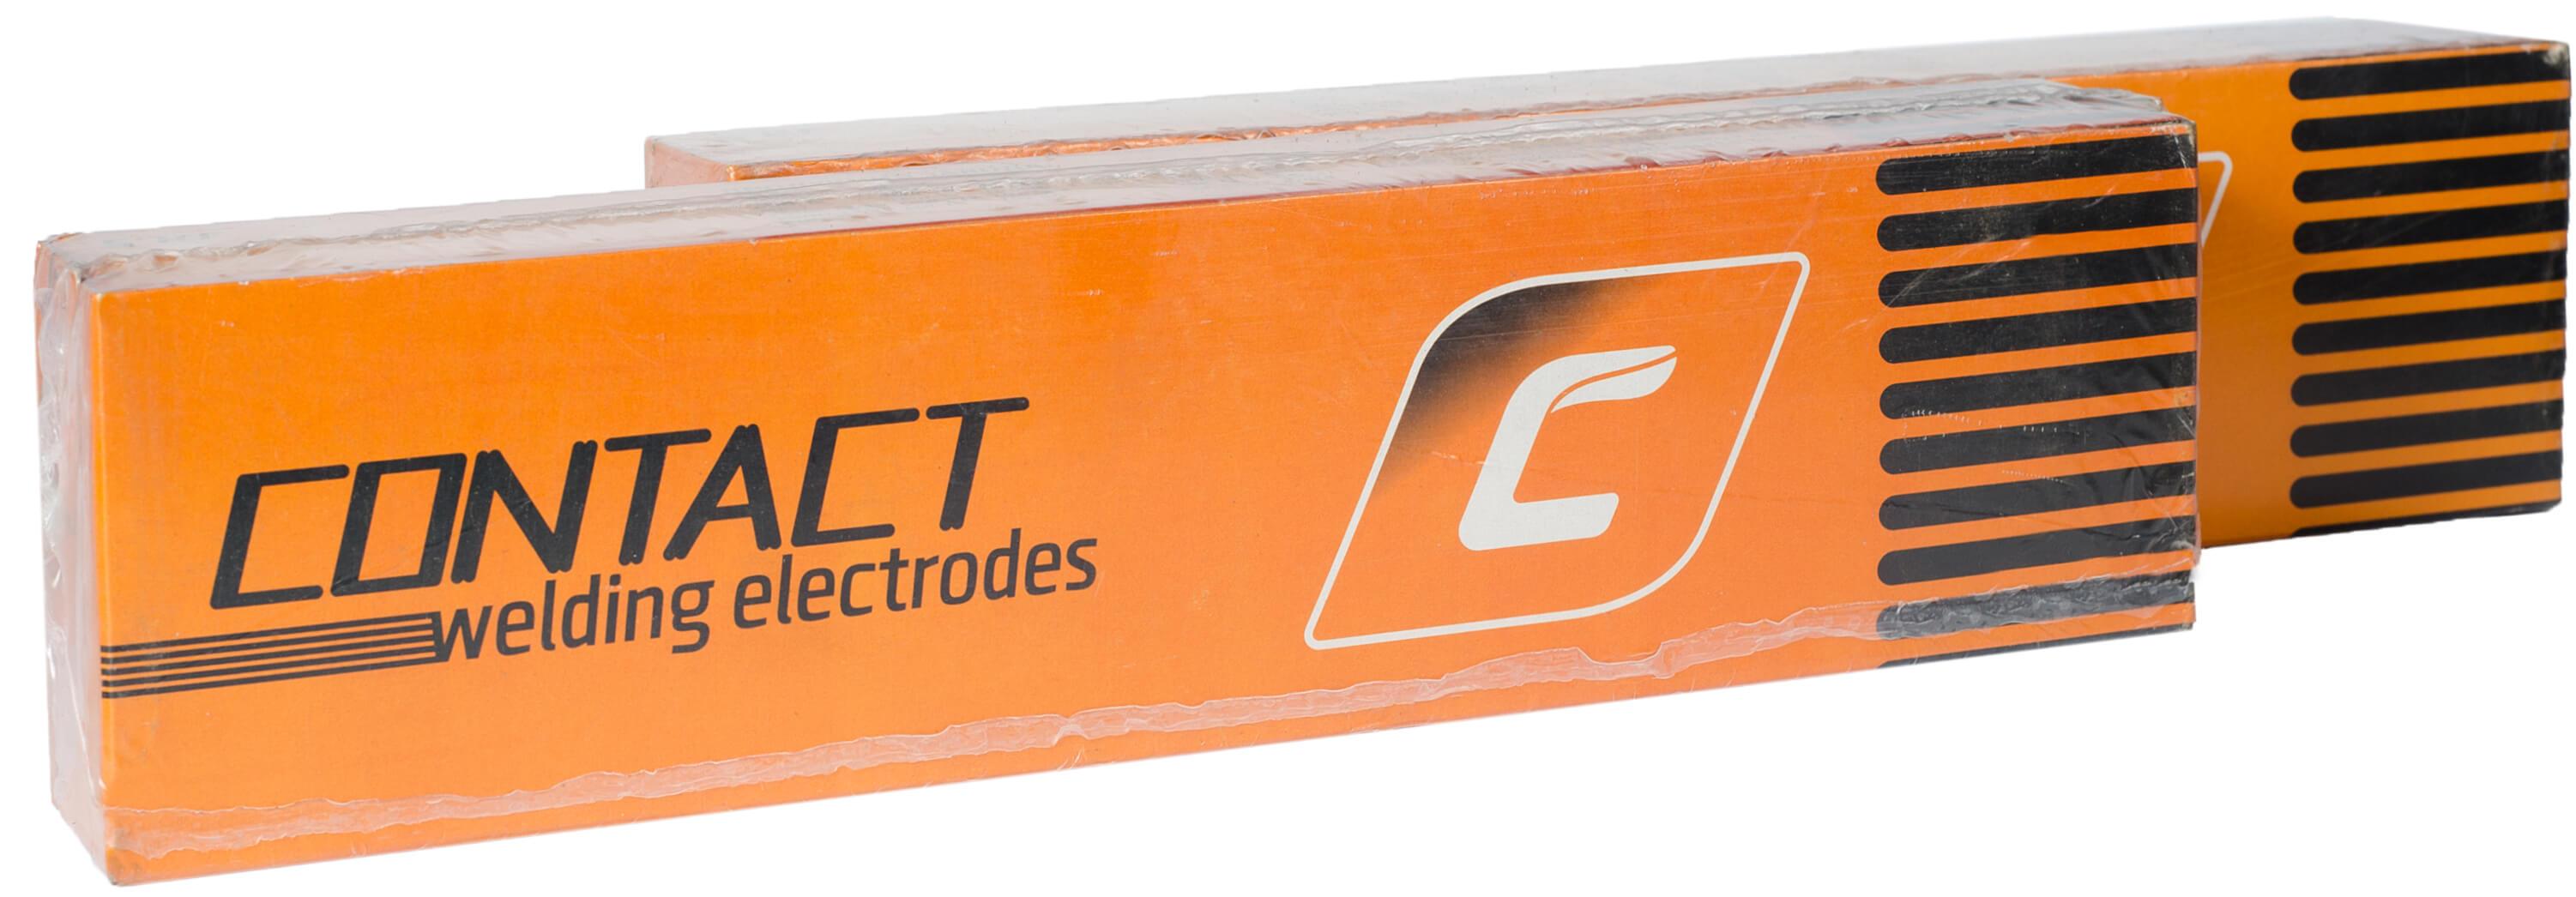 TM CONTACT Электроды для сварки меди, чугуна и алюминия